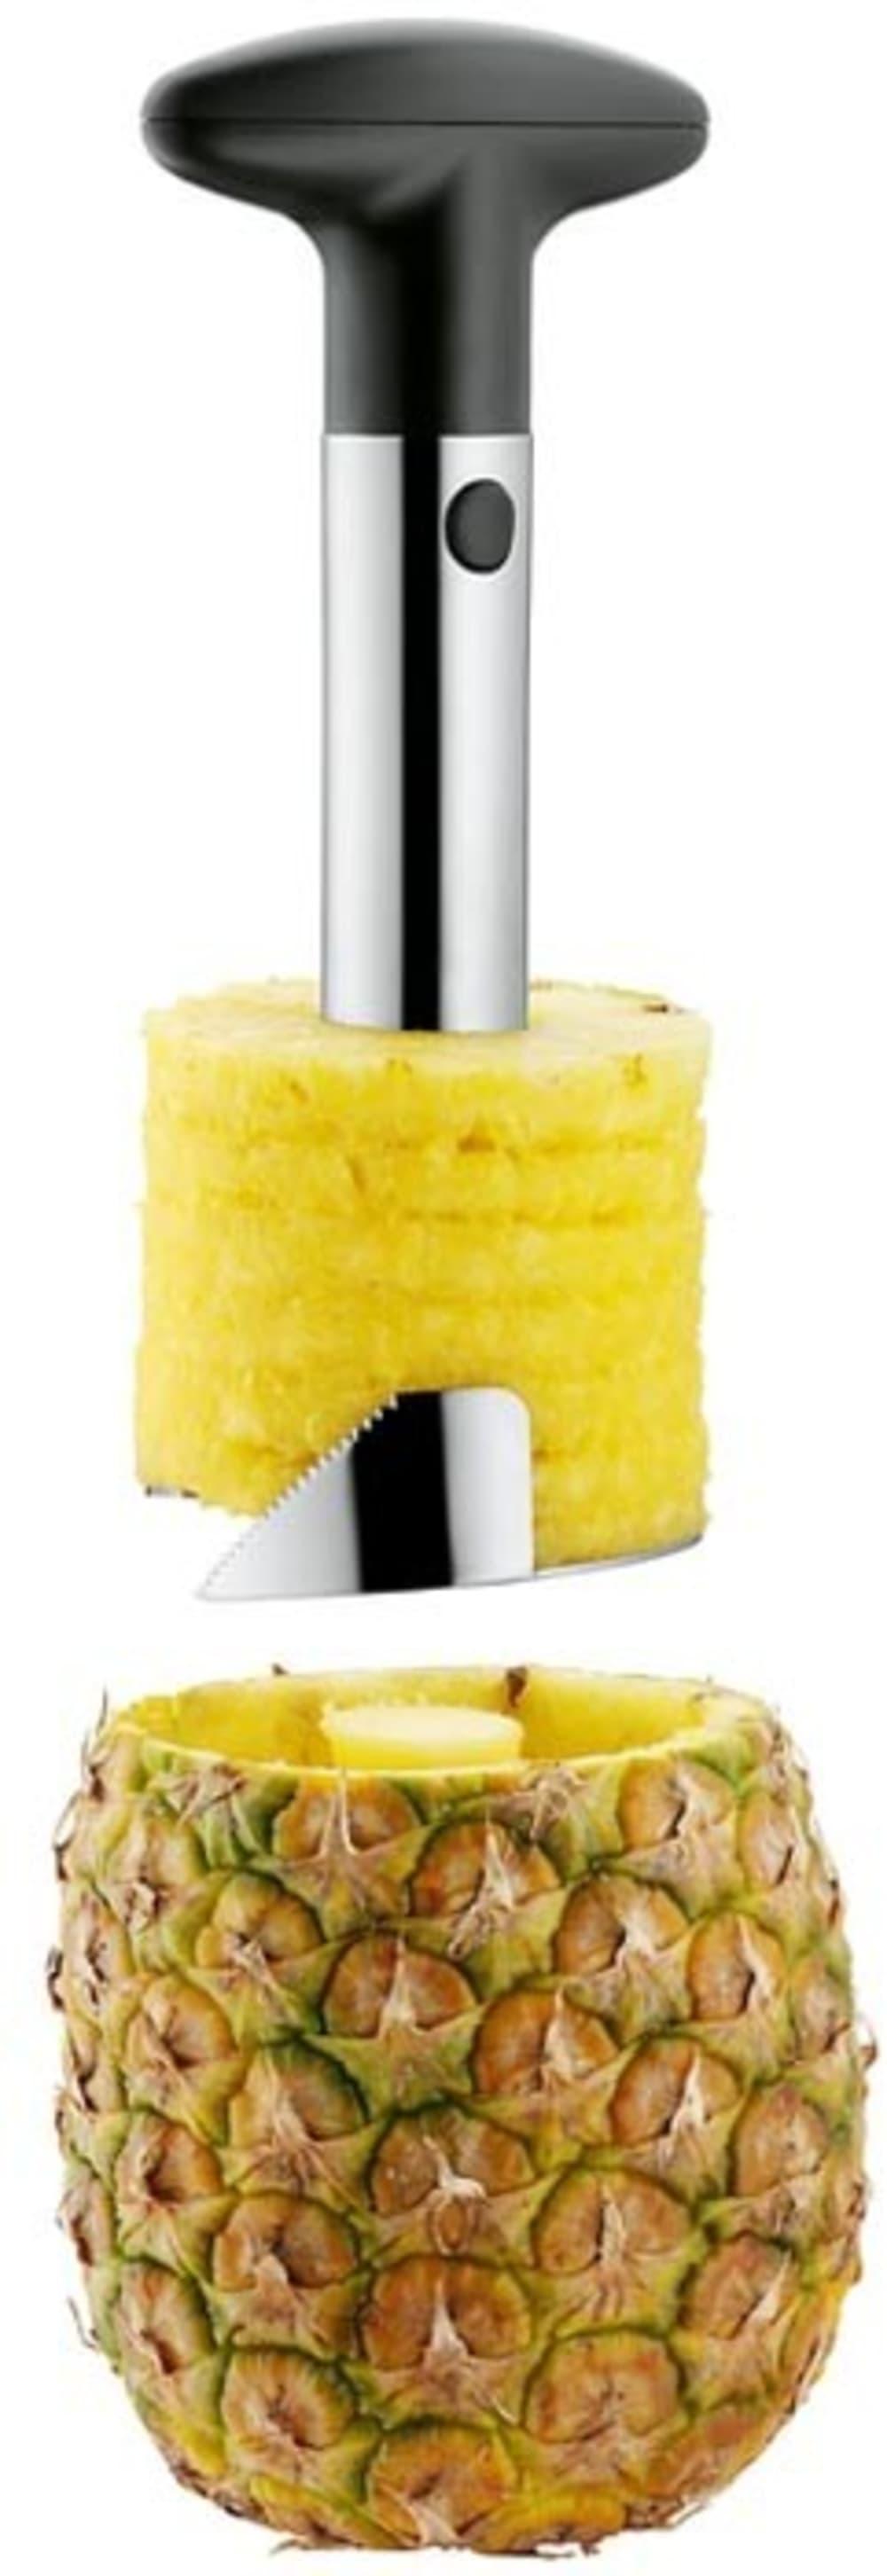 WMF - Wykrawacz do ananasa, Gourmet